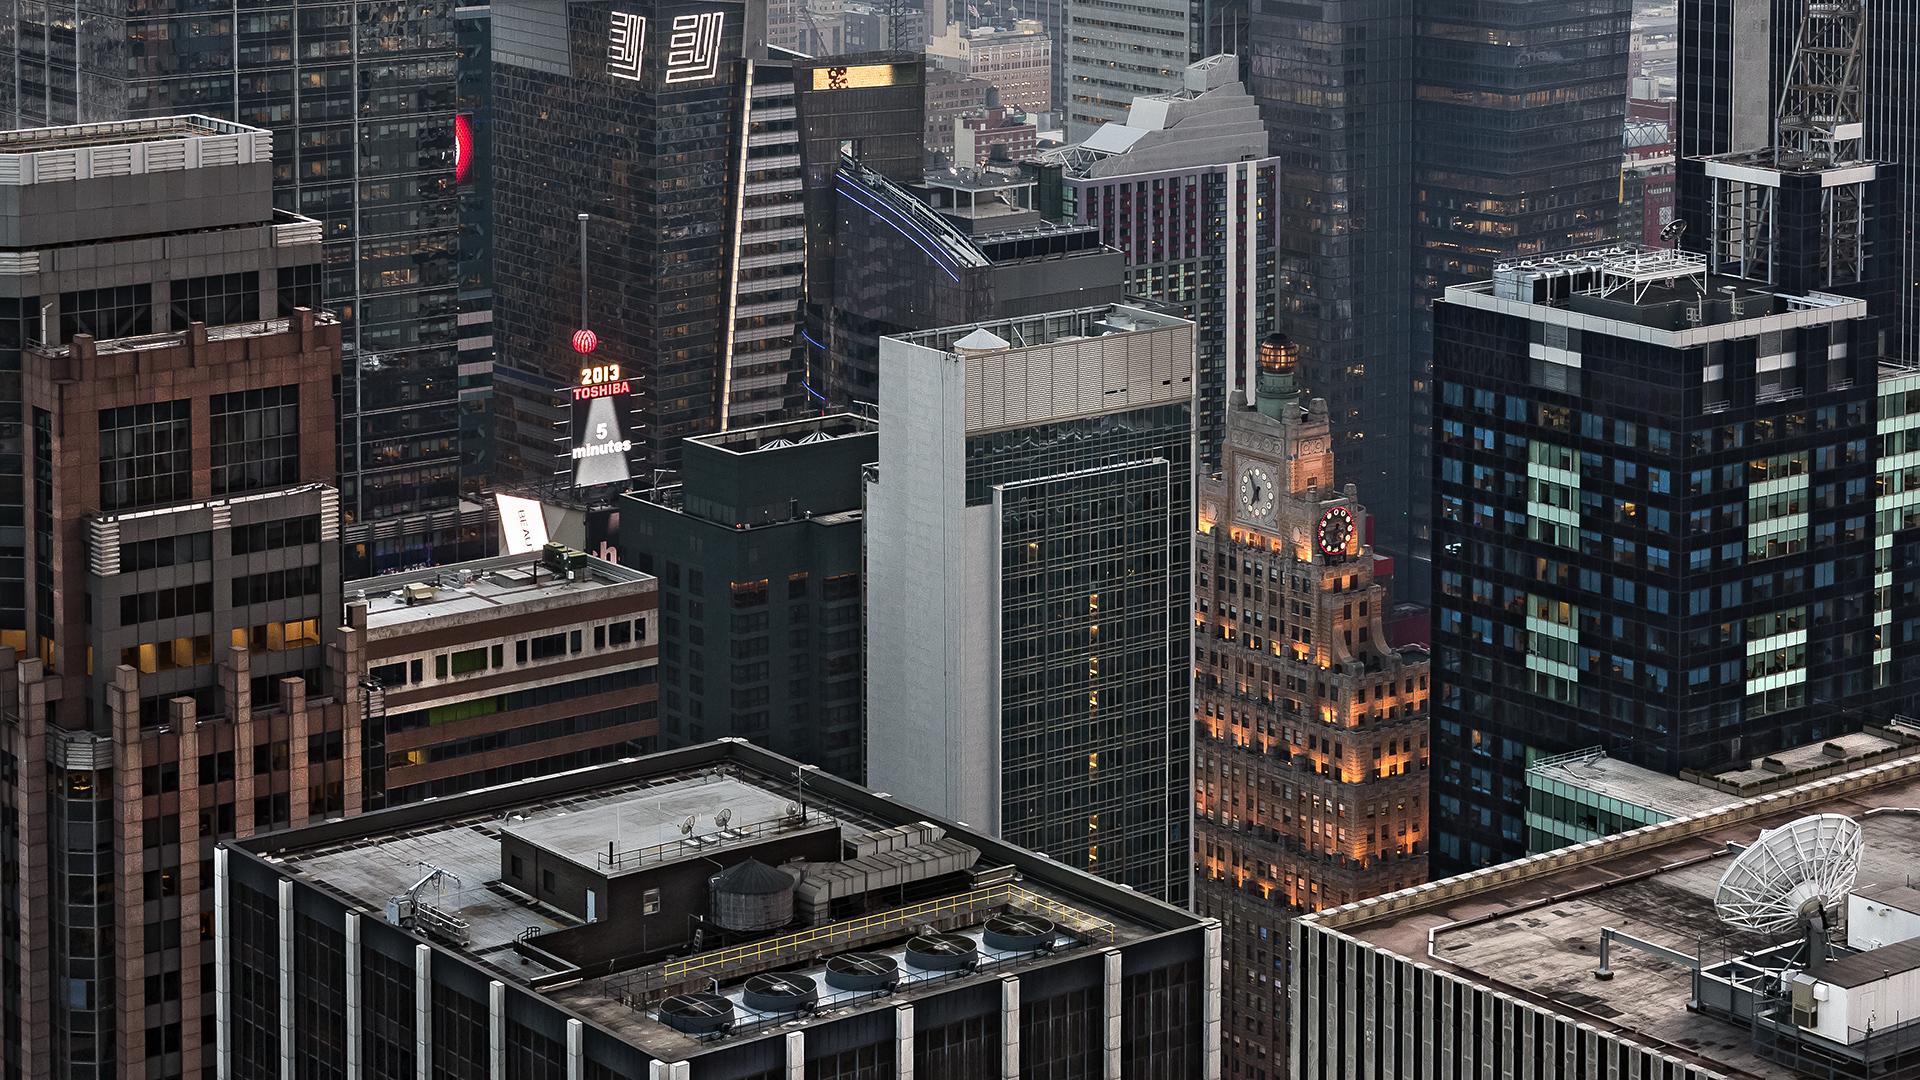 NY CITY - KNOCKING-OFF TIME